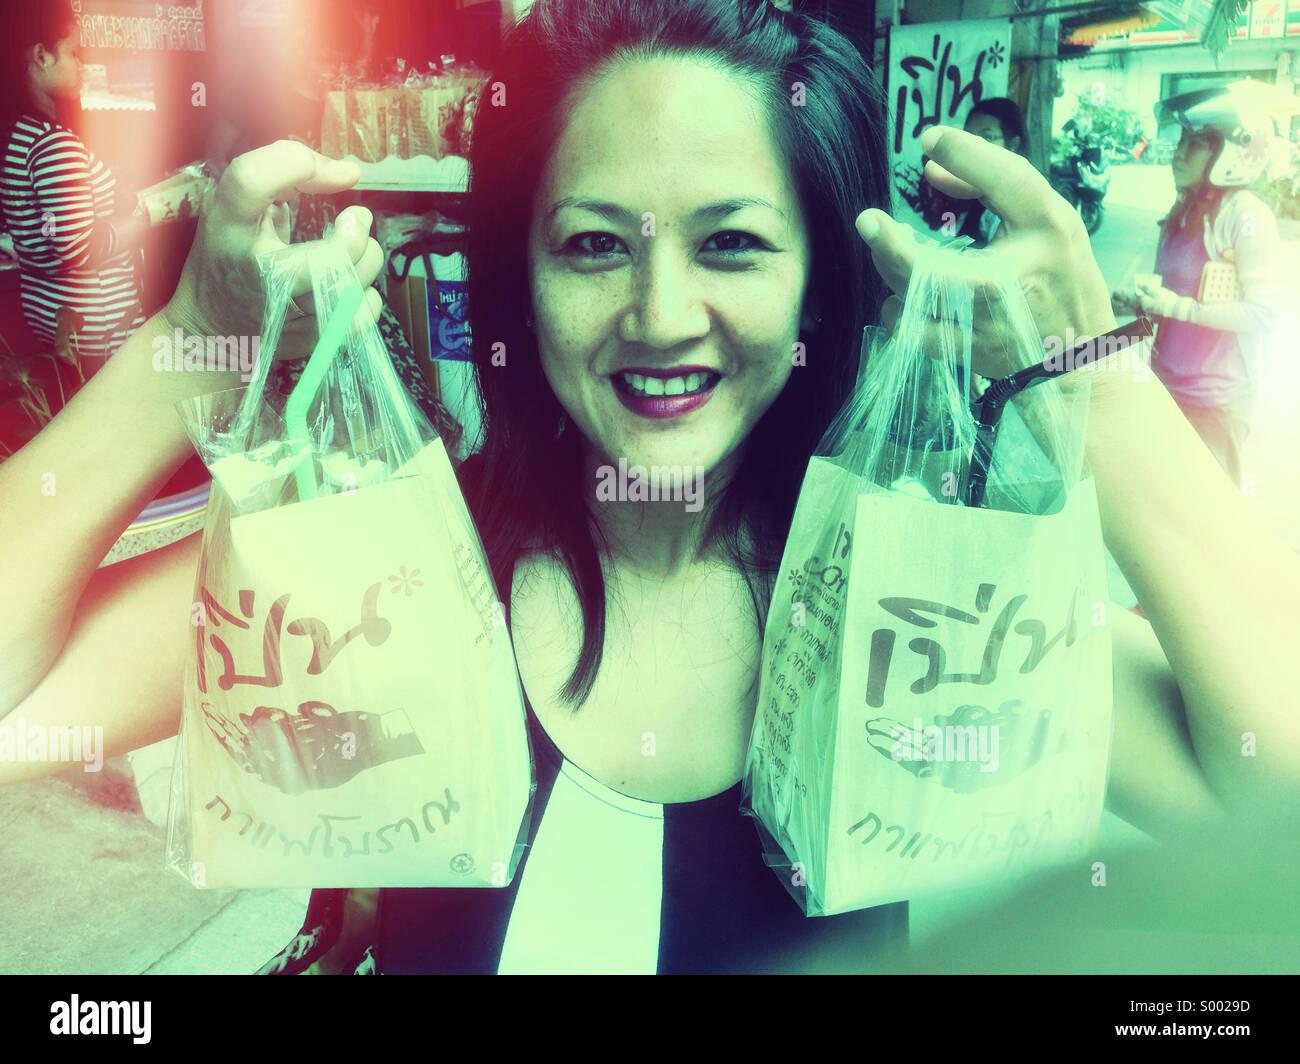 Thailandia ragazza con caffè tailandese acquisto. Immagini Stock